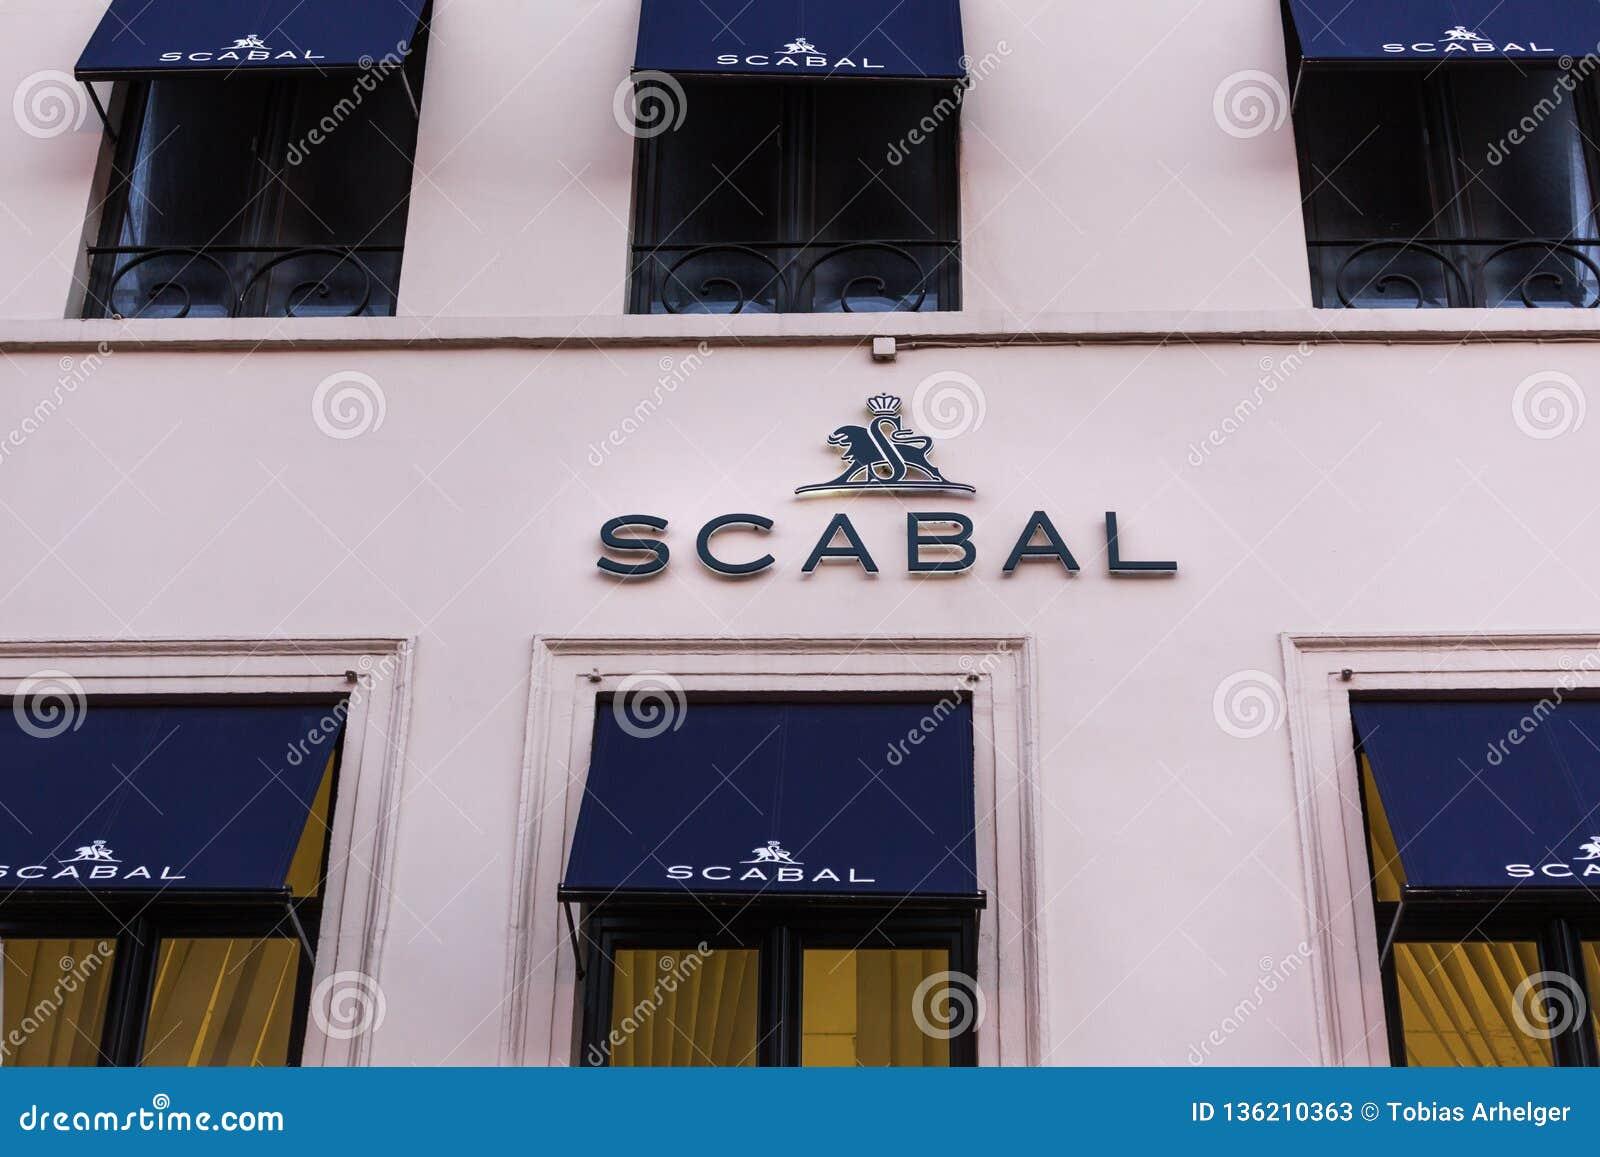 Брюссель, Брюссель/Бельгия - 13 12 18: scabal магазин подписывает внутри Брюссель Бельгию